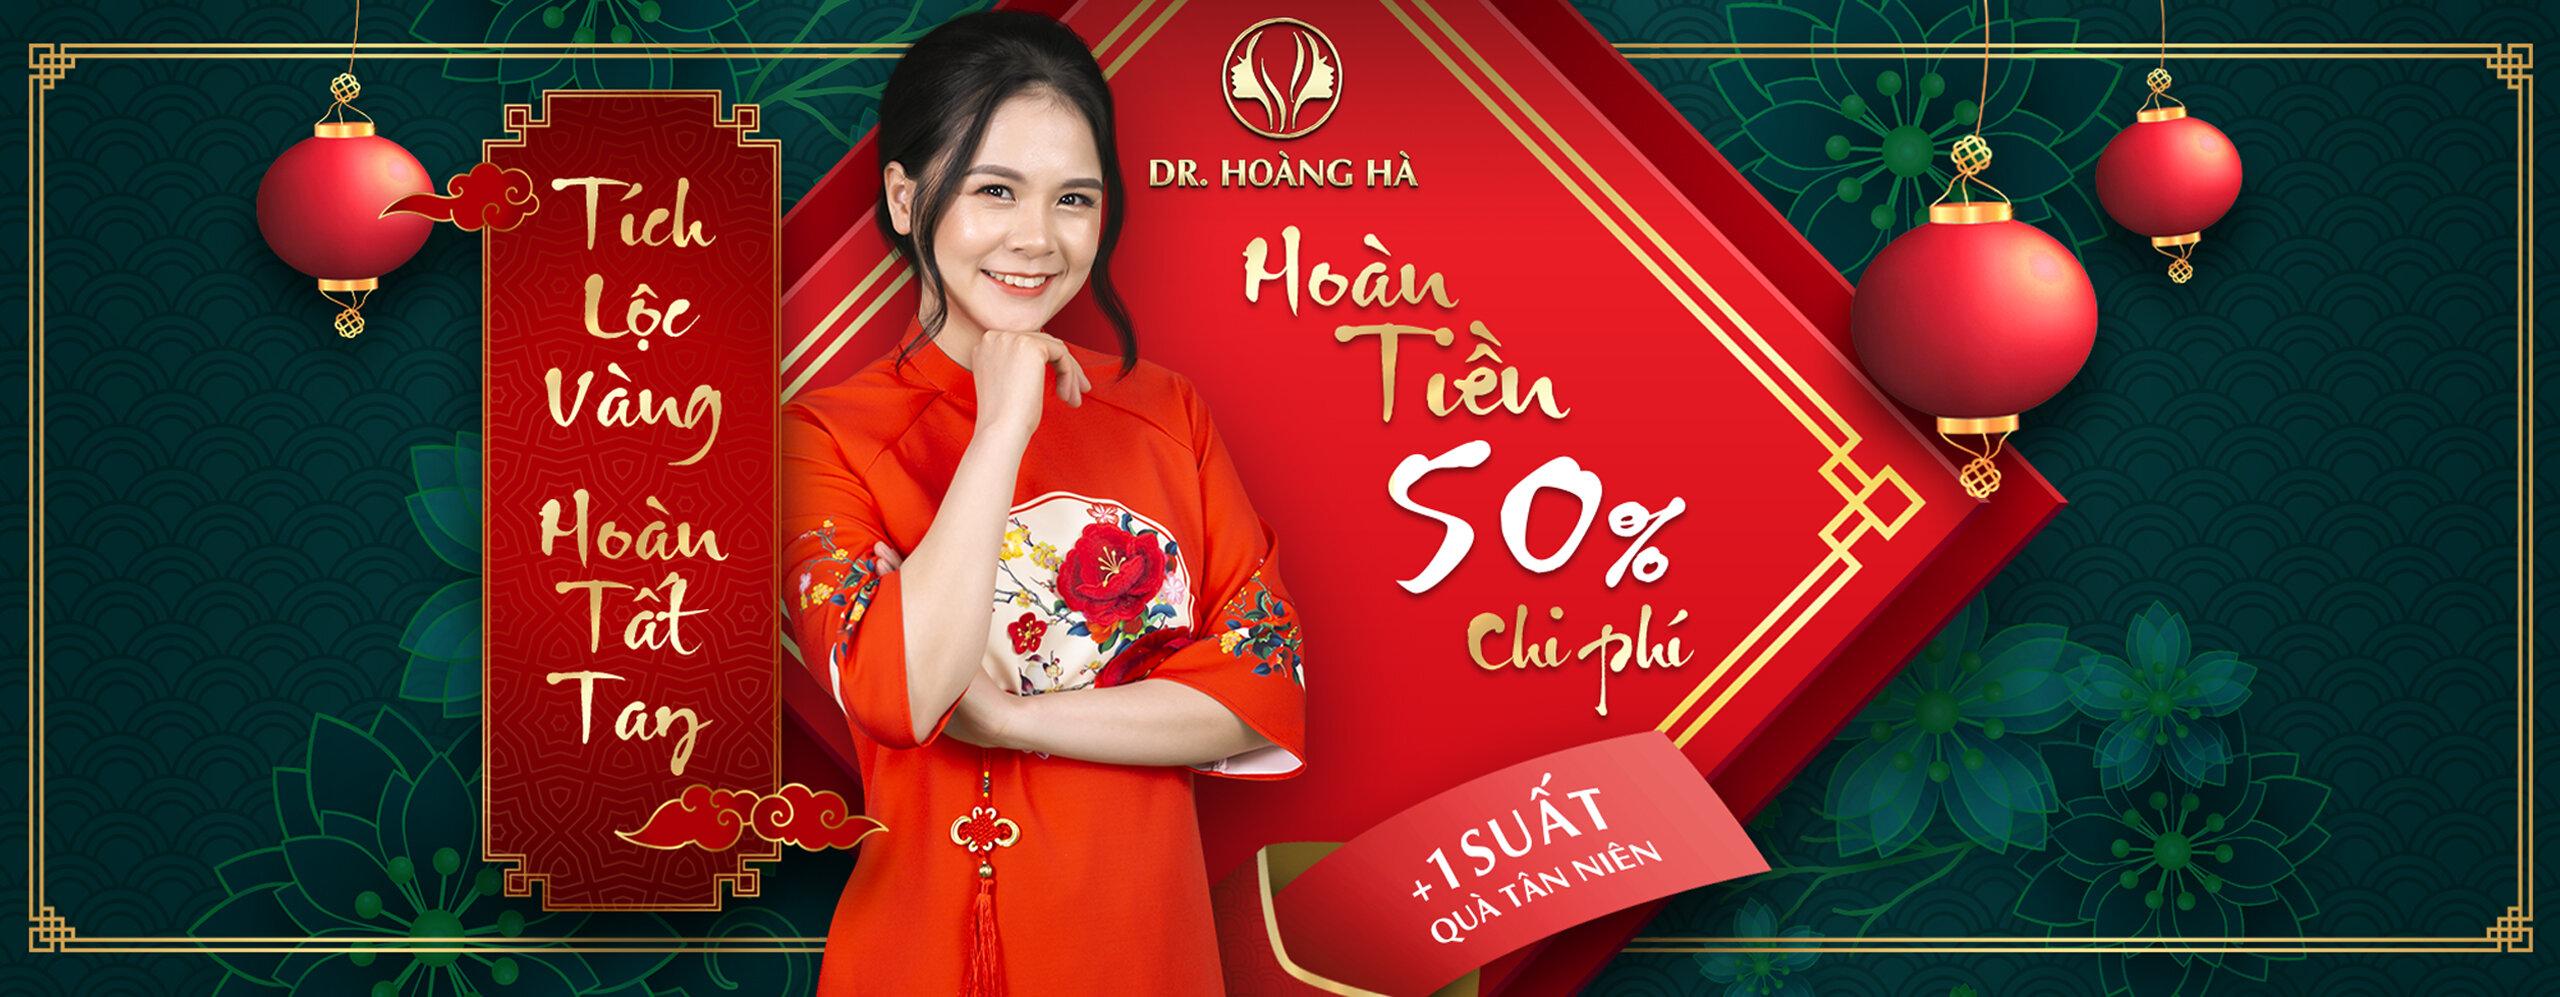 Dr Hoàng Hà ưu đãi tết